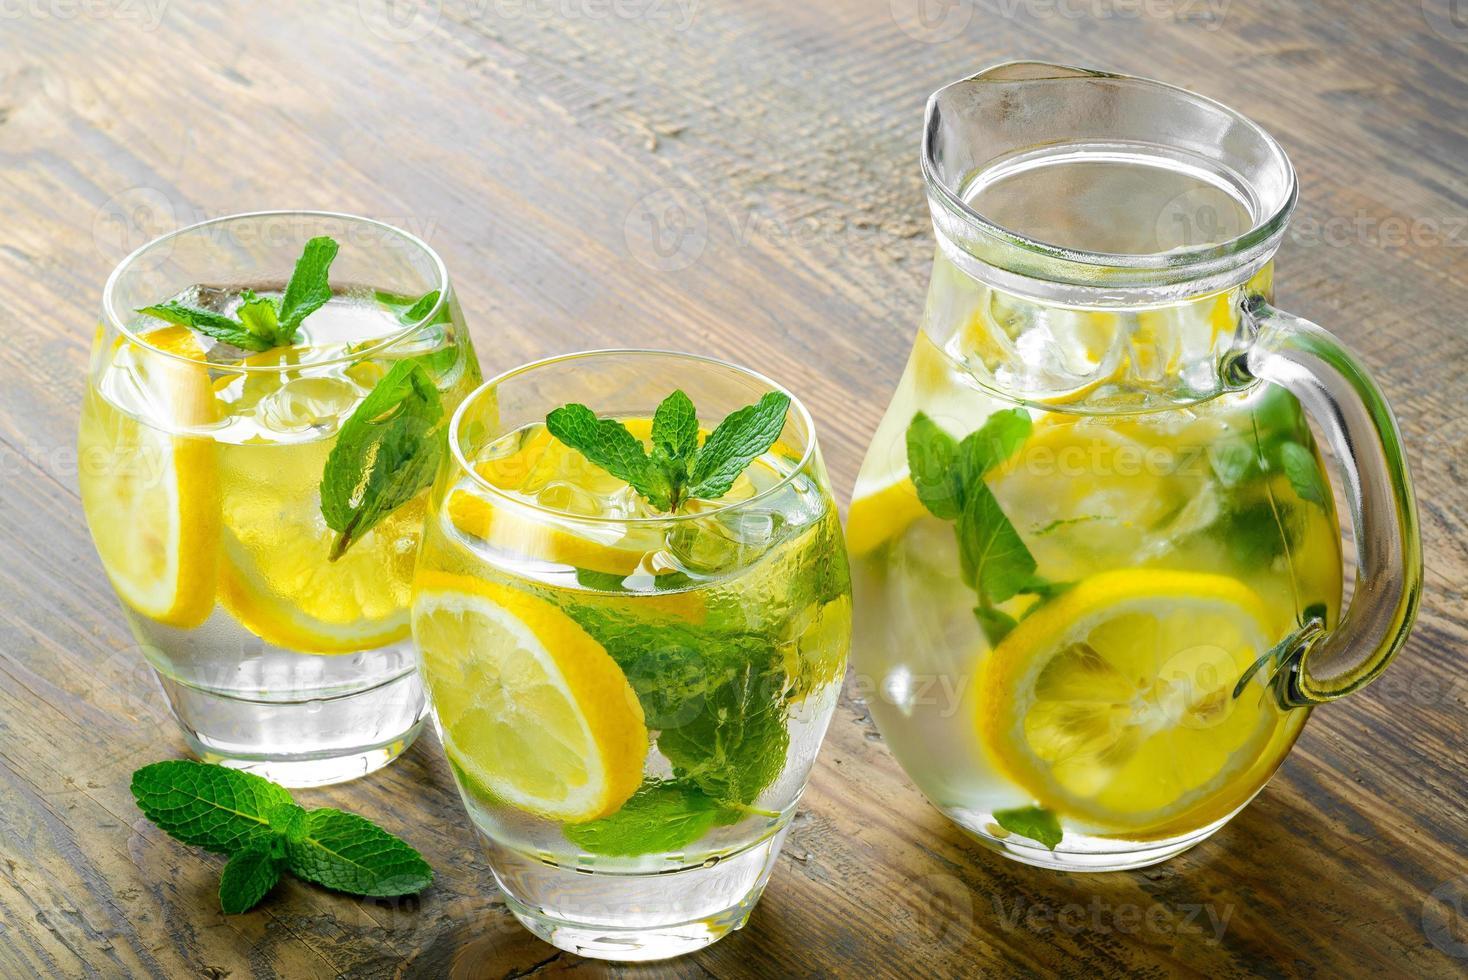 acqua fresca con limone, menta e cetriolo foto